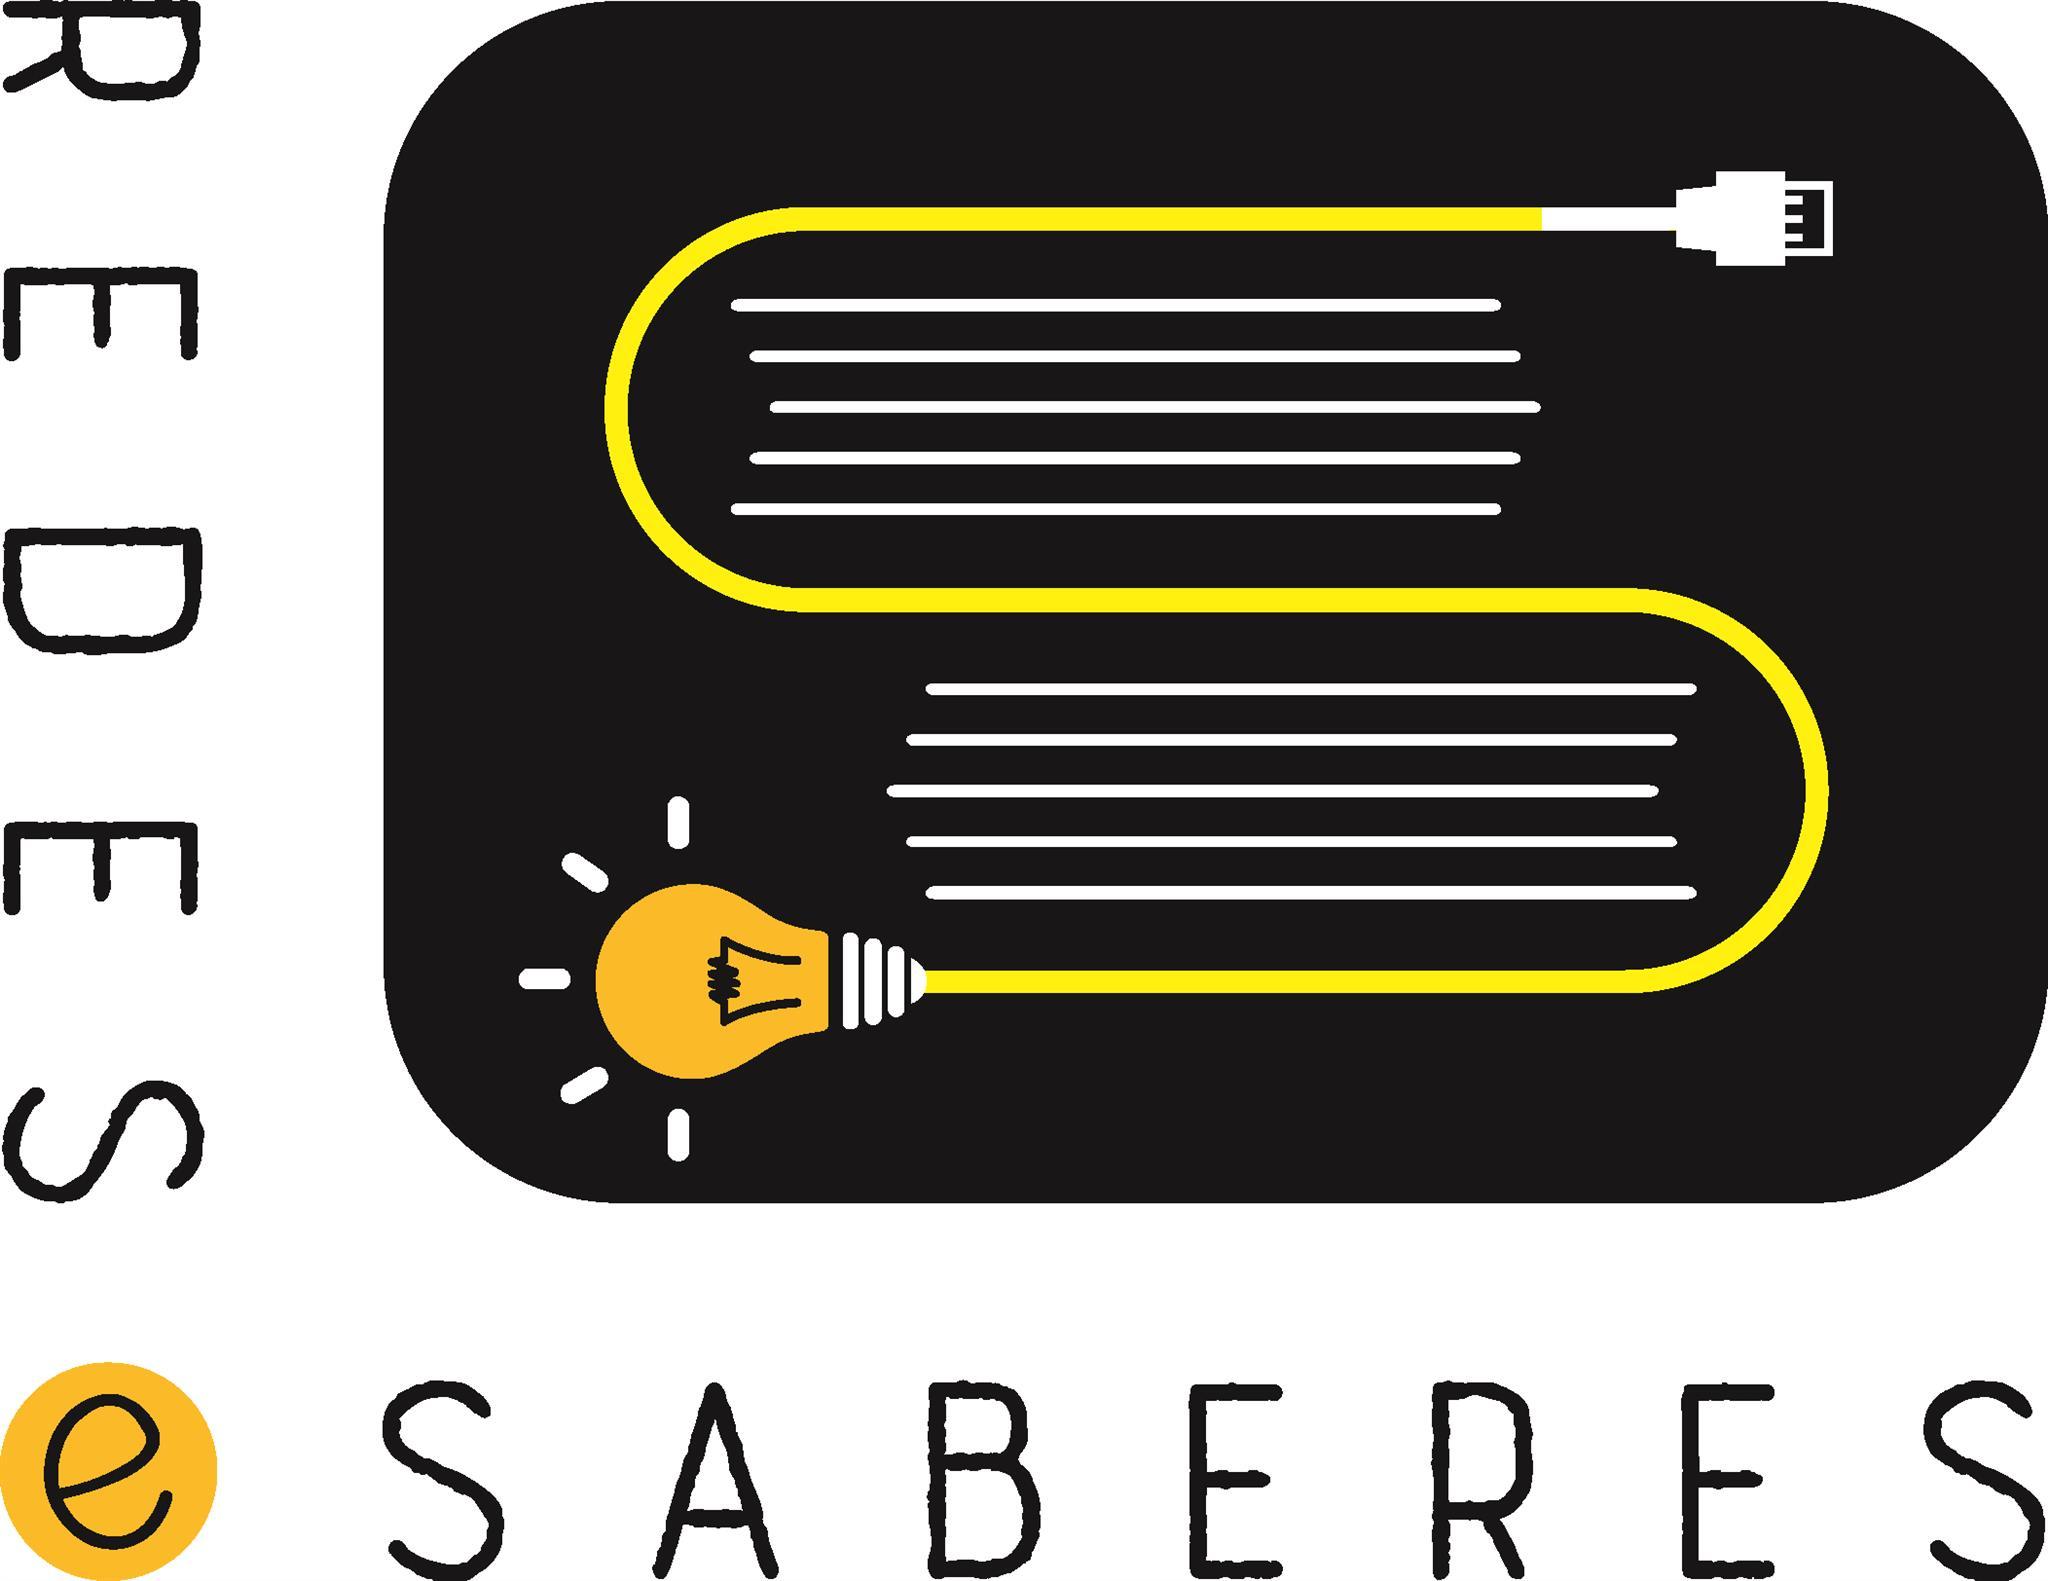 REDES E SABERES